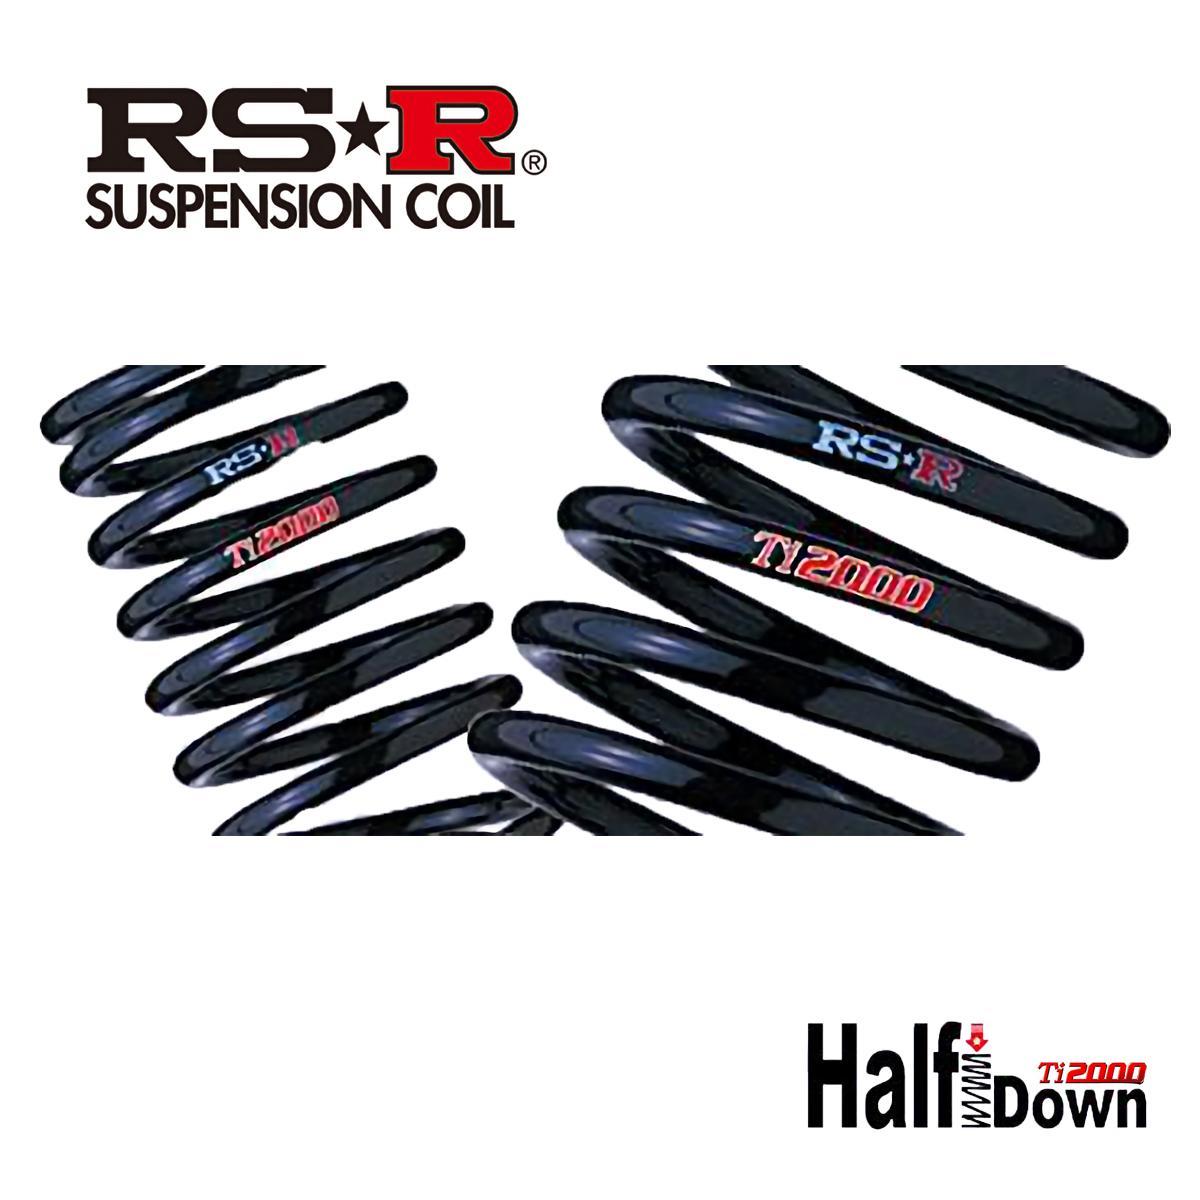 RS-R レクサス GS450h GWL10 ダウンサス スプリング リアのみ T175THDR Ti2000 ハーフダウン RSR 個人宅発送追金有